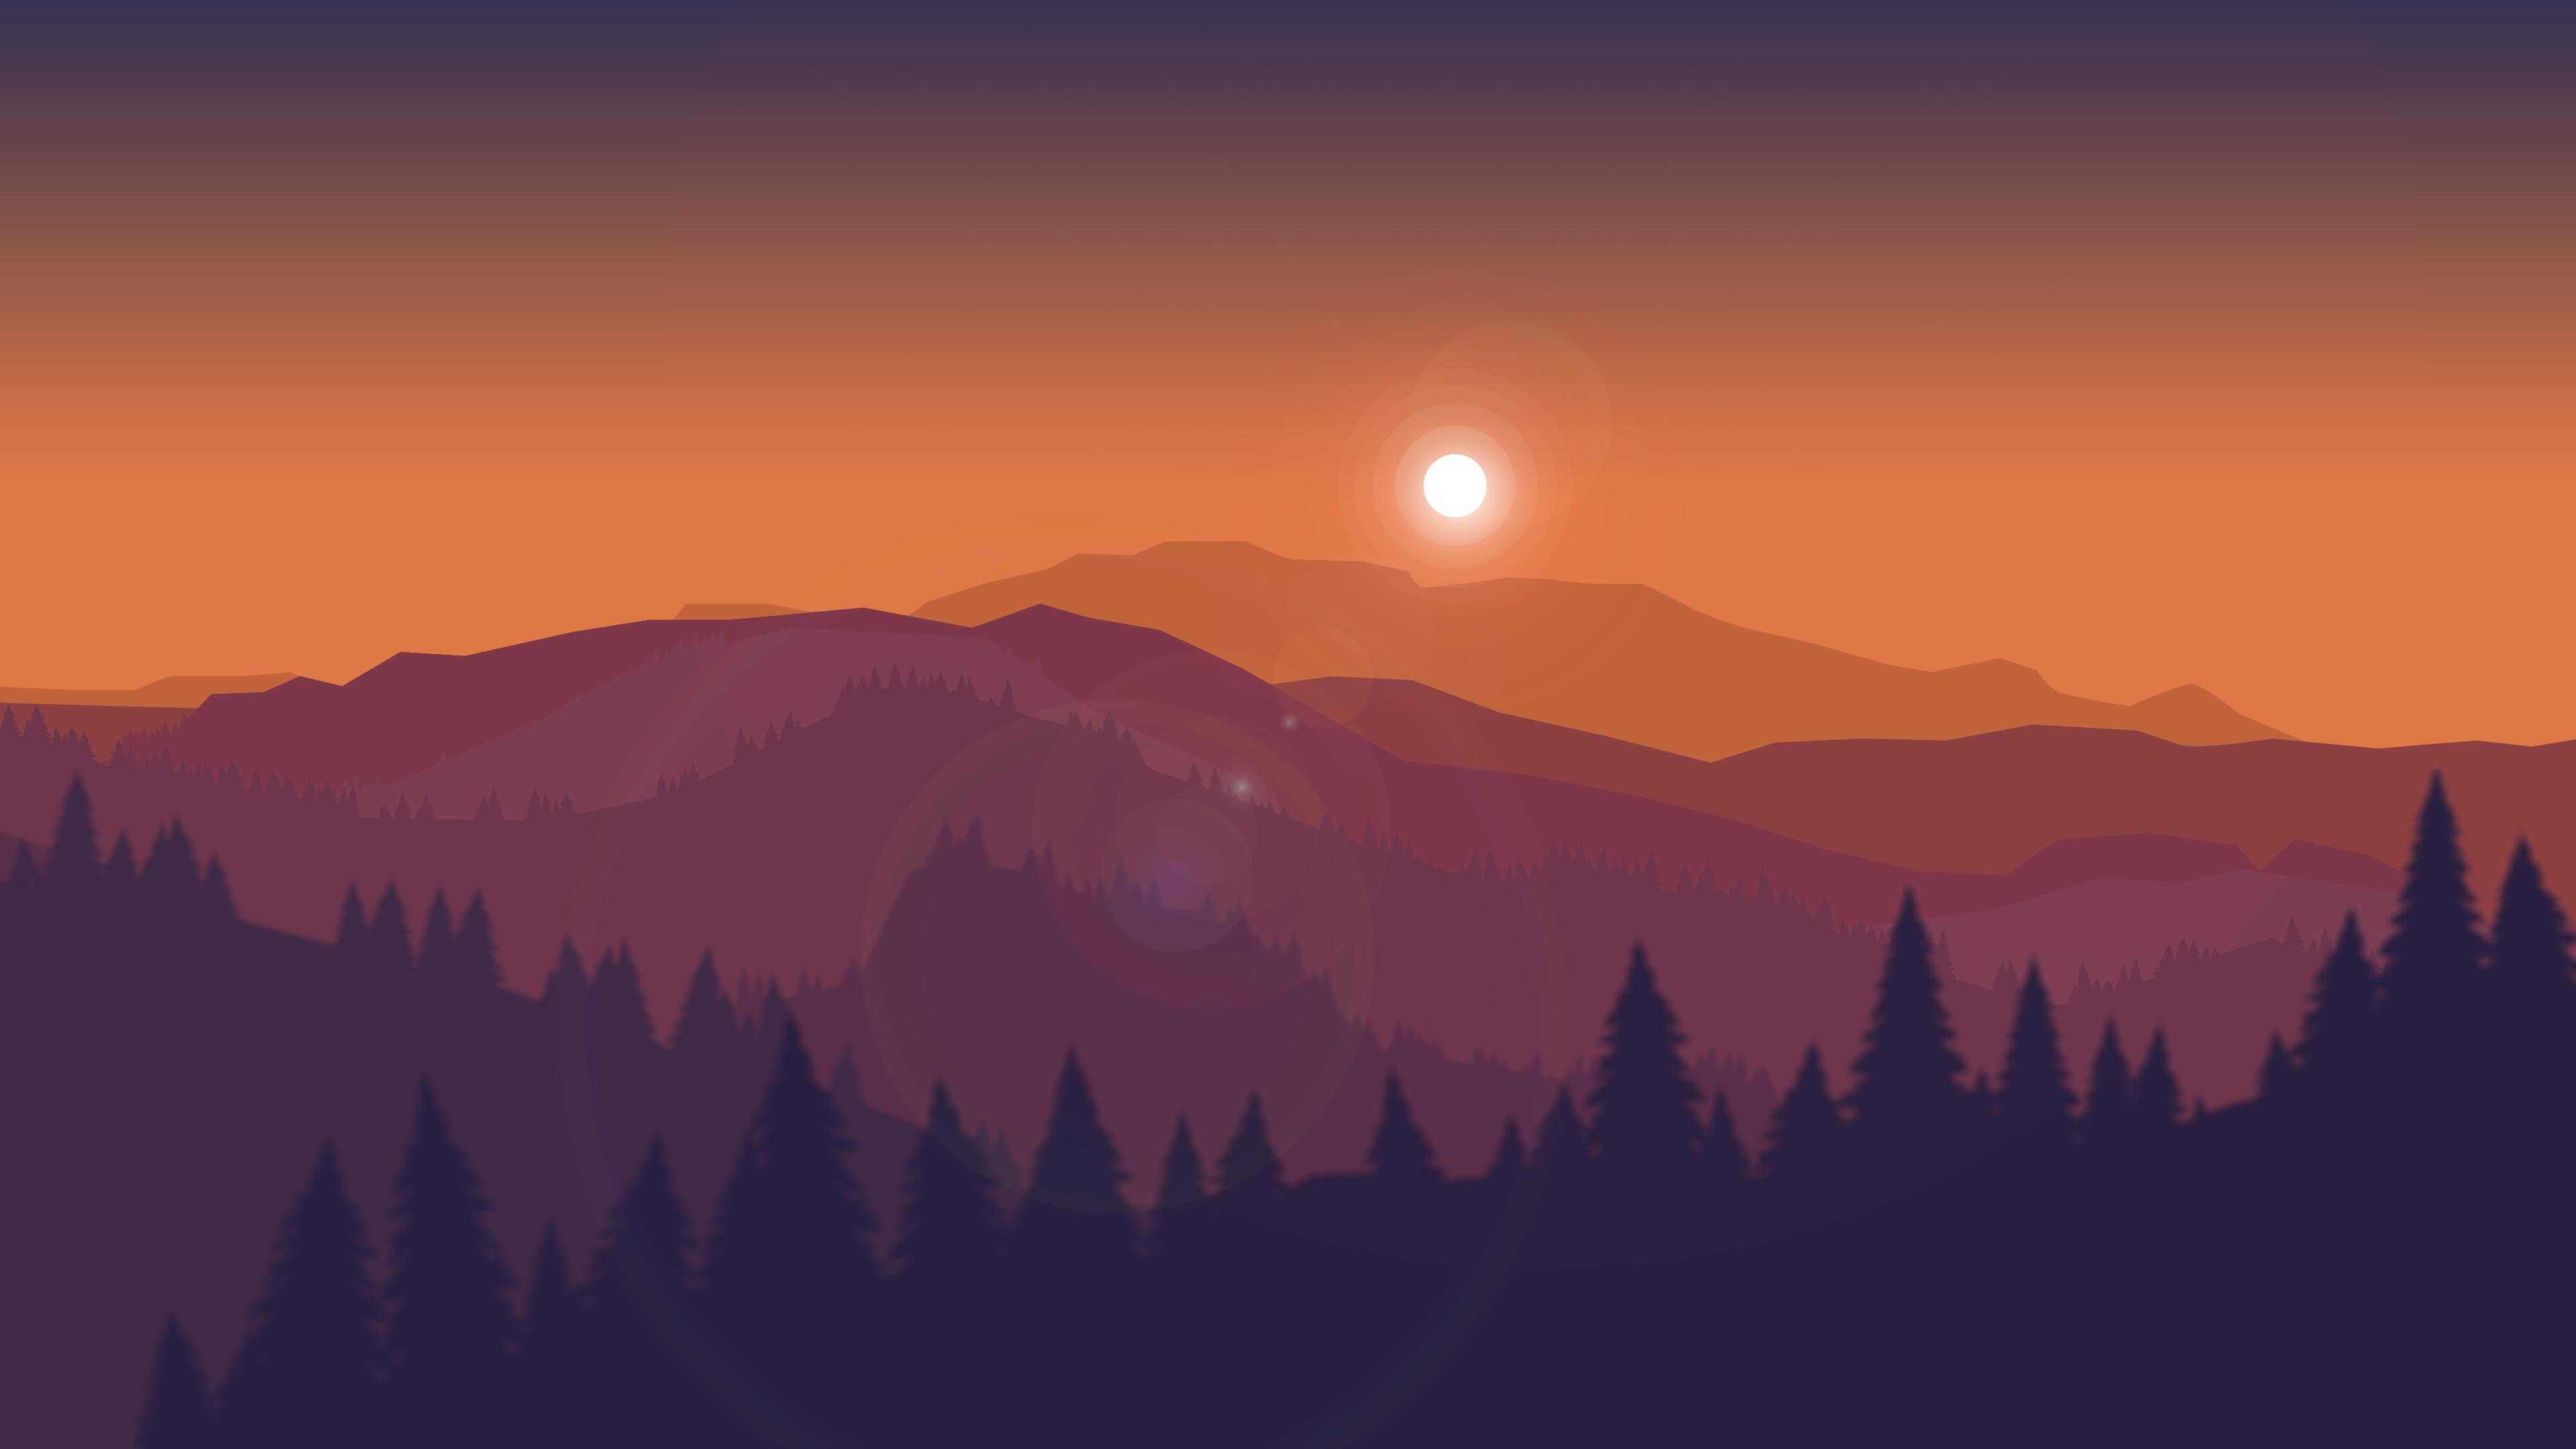 Sunset Mountain Wallpaper 4k 3840x2160 Download Hd Wallpaper Wallpapertip